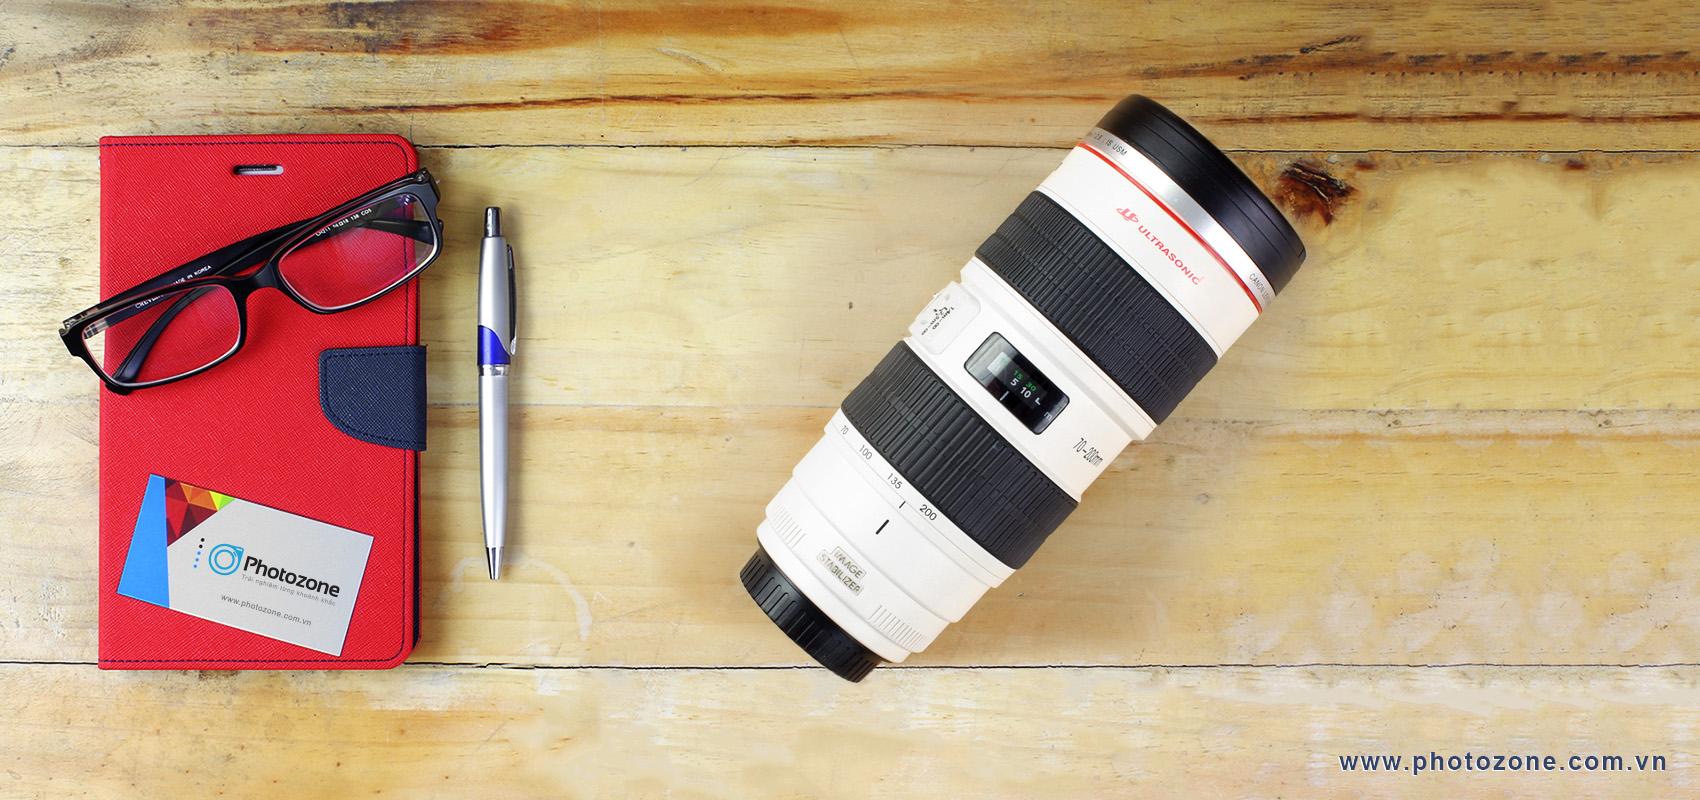 Bình giữ nhiệt Inox dạng ống kính (Lenscup) 70-200mm F/2.8L IS USM